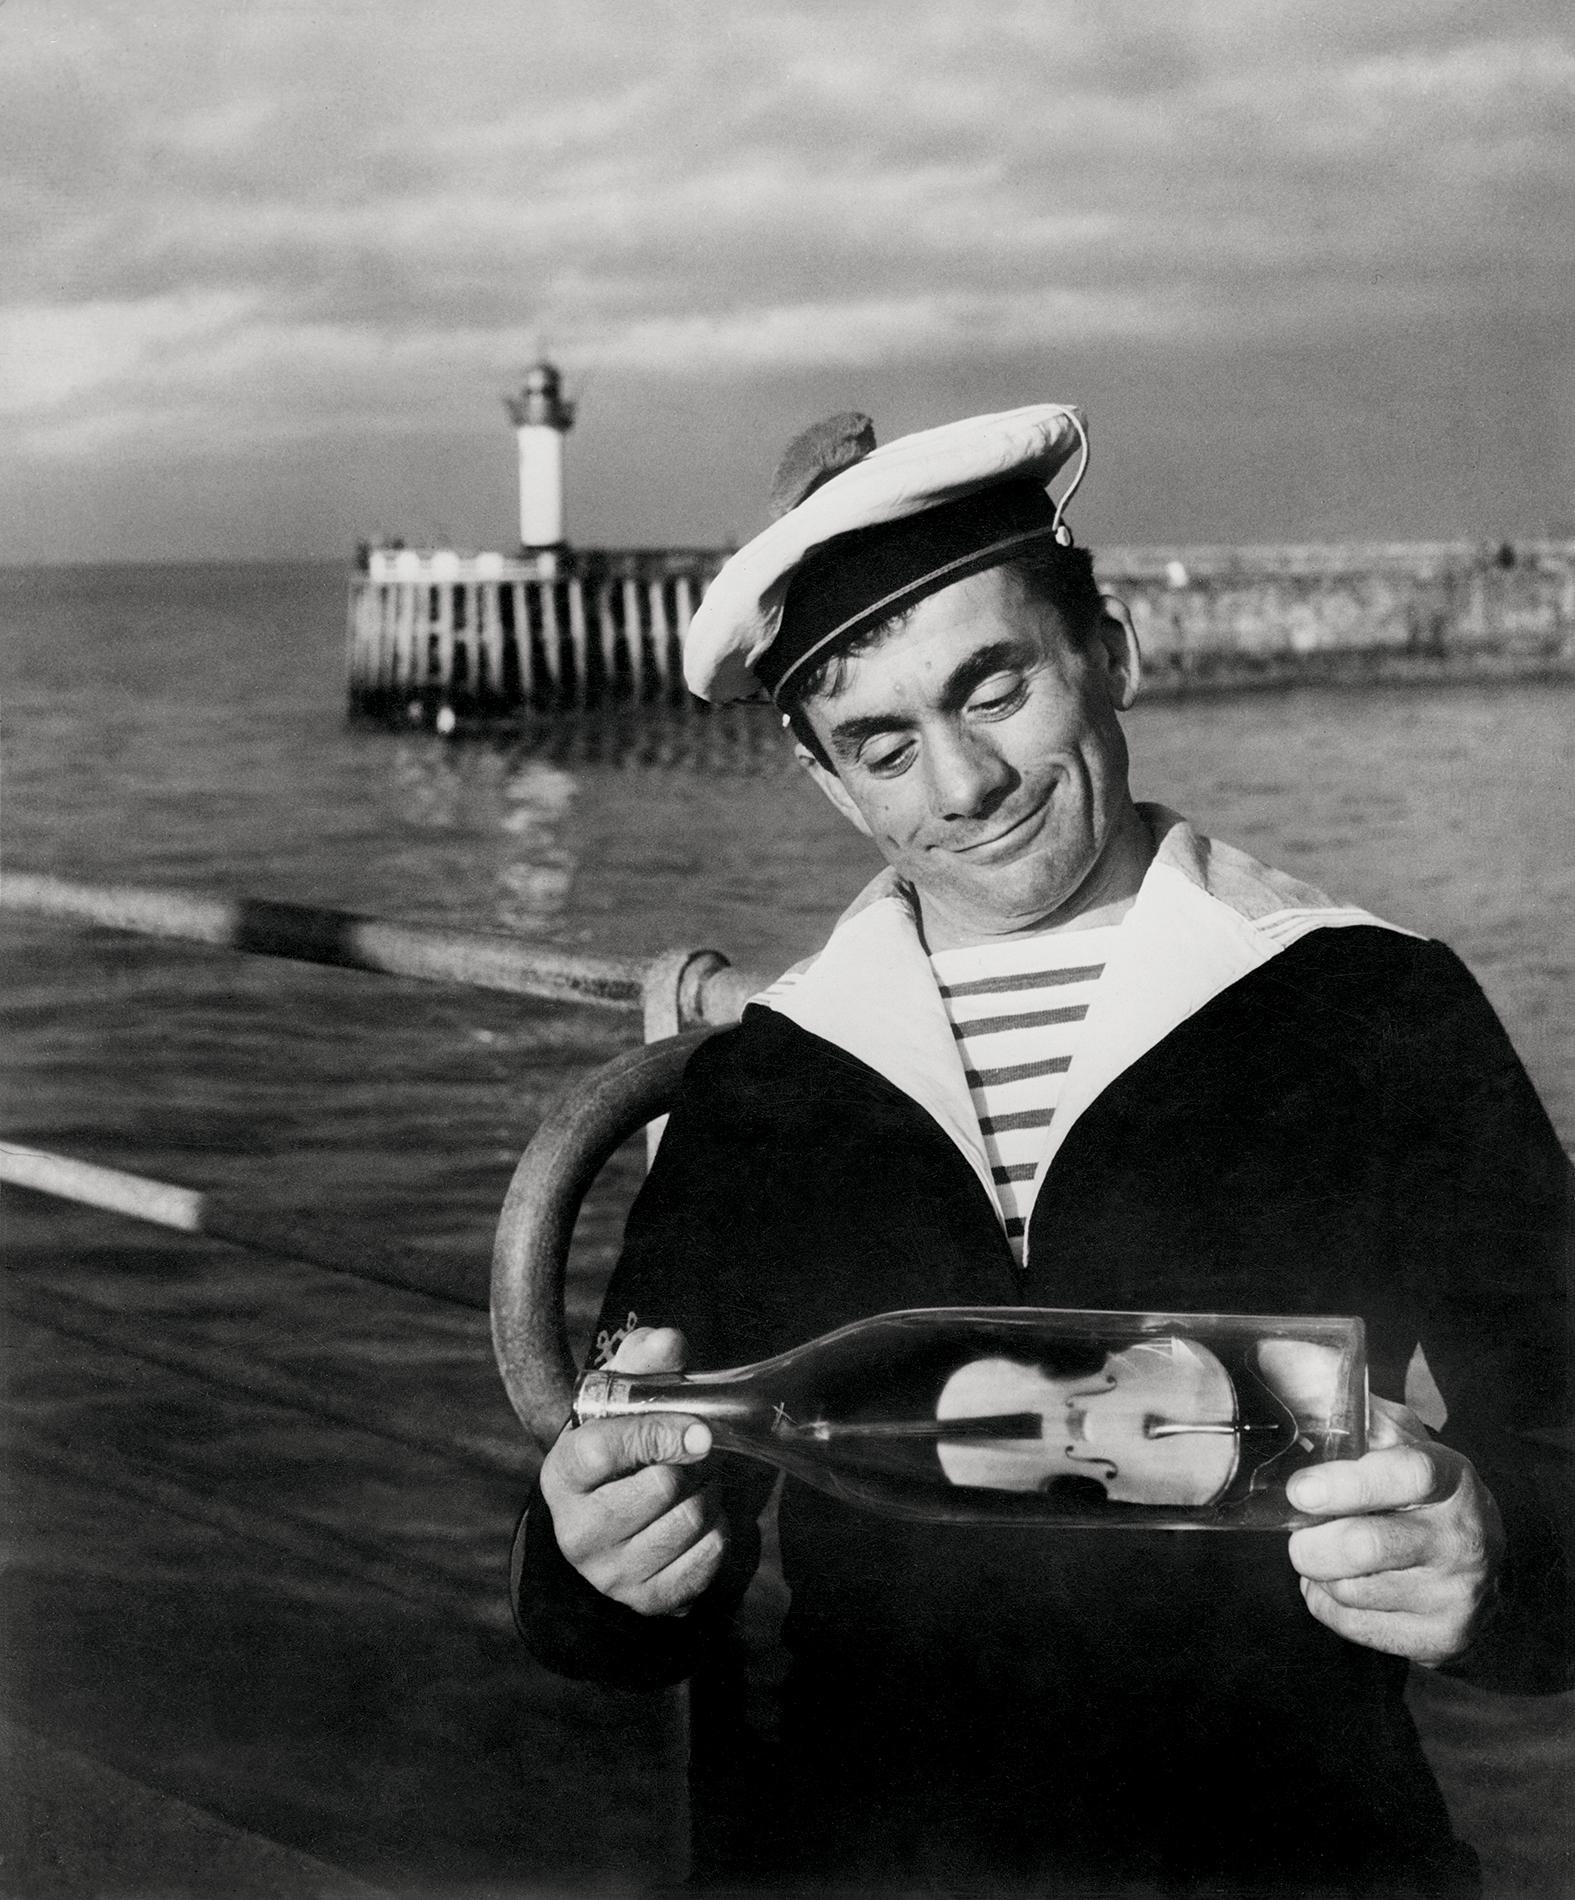 1950-е. Моряки из Божоле имеют странную привычку класть все в бутылку